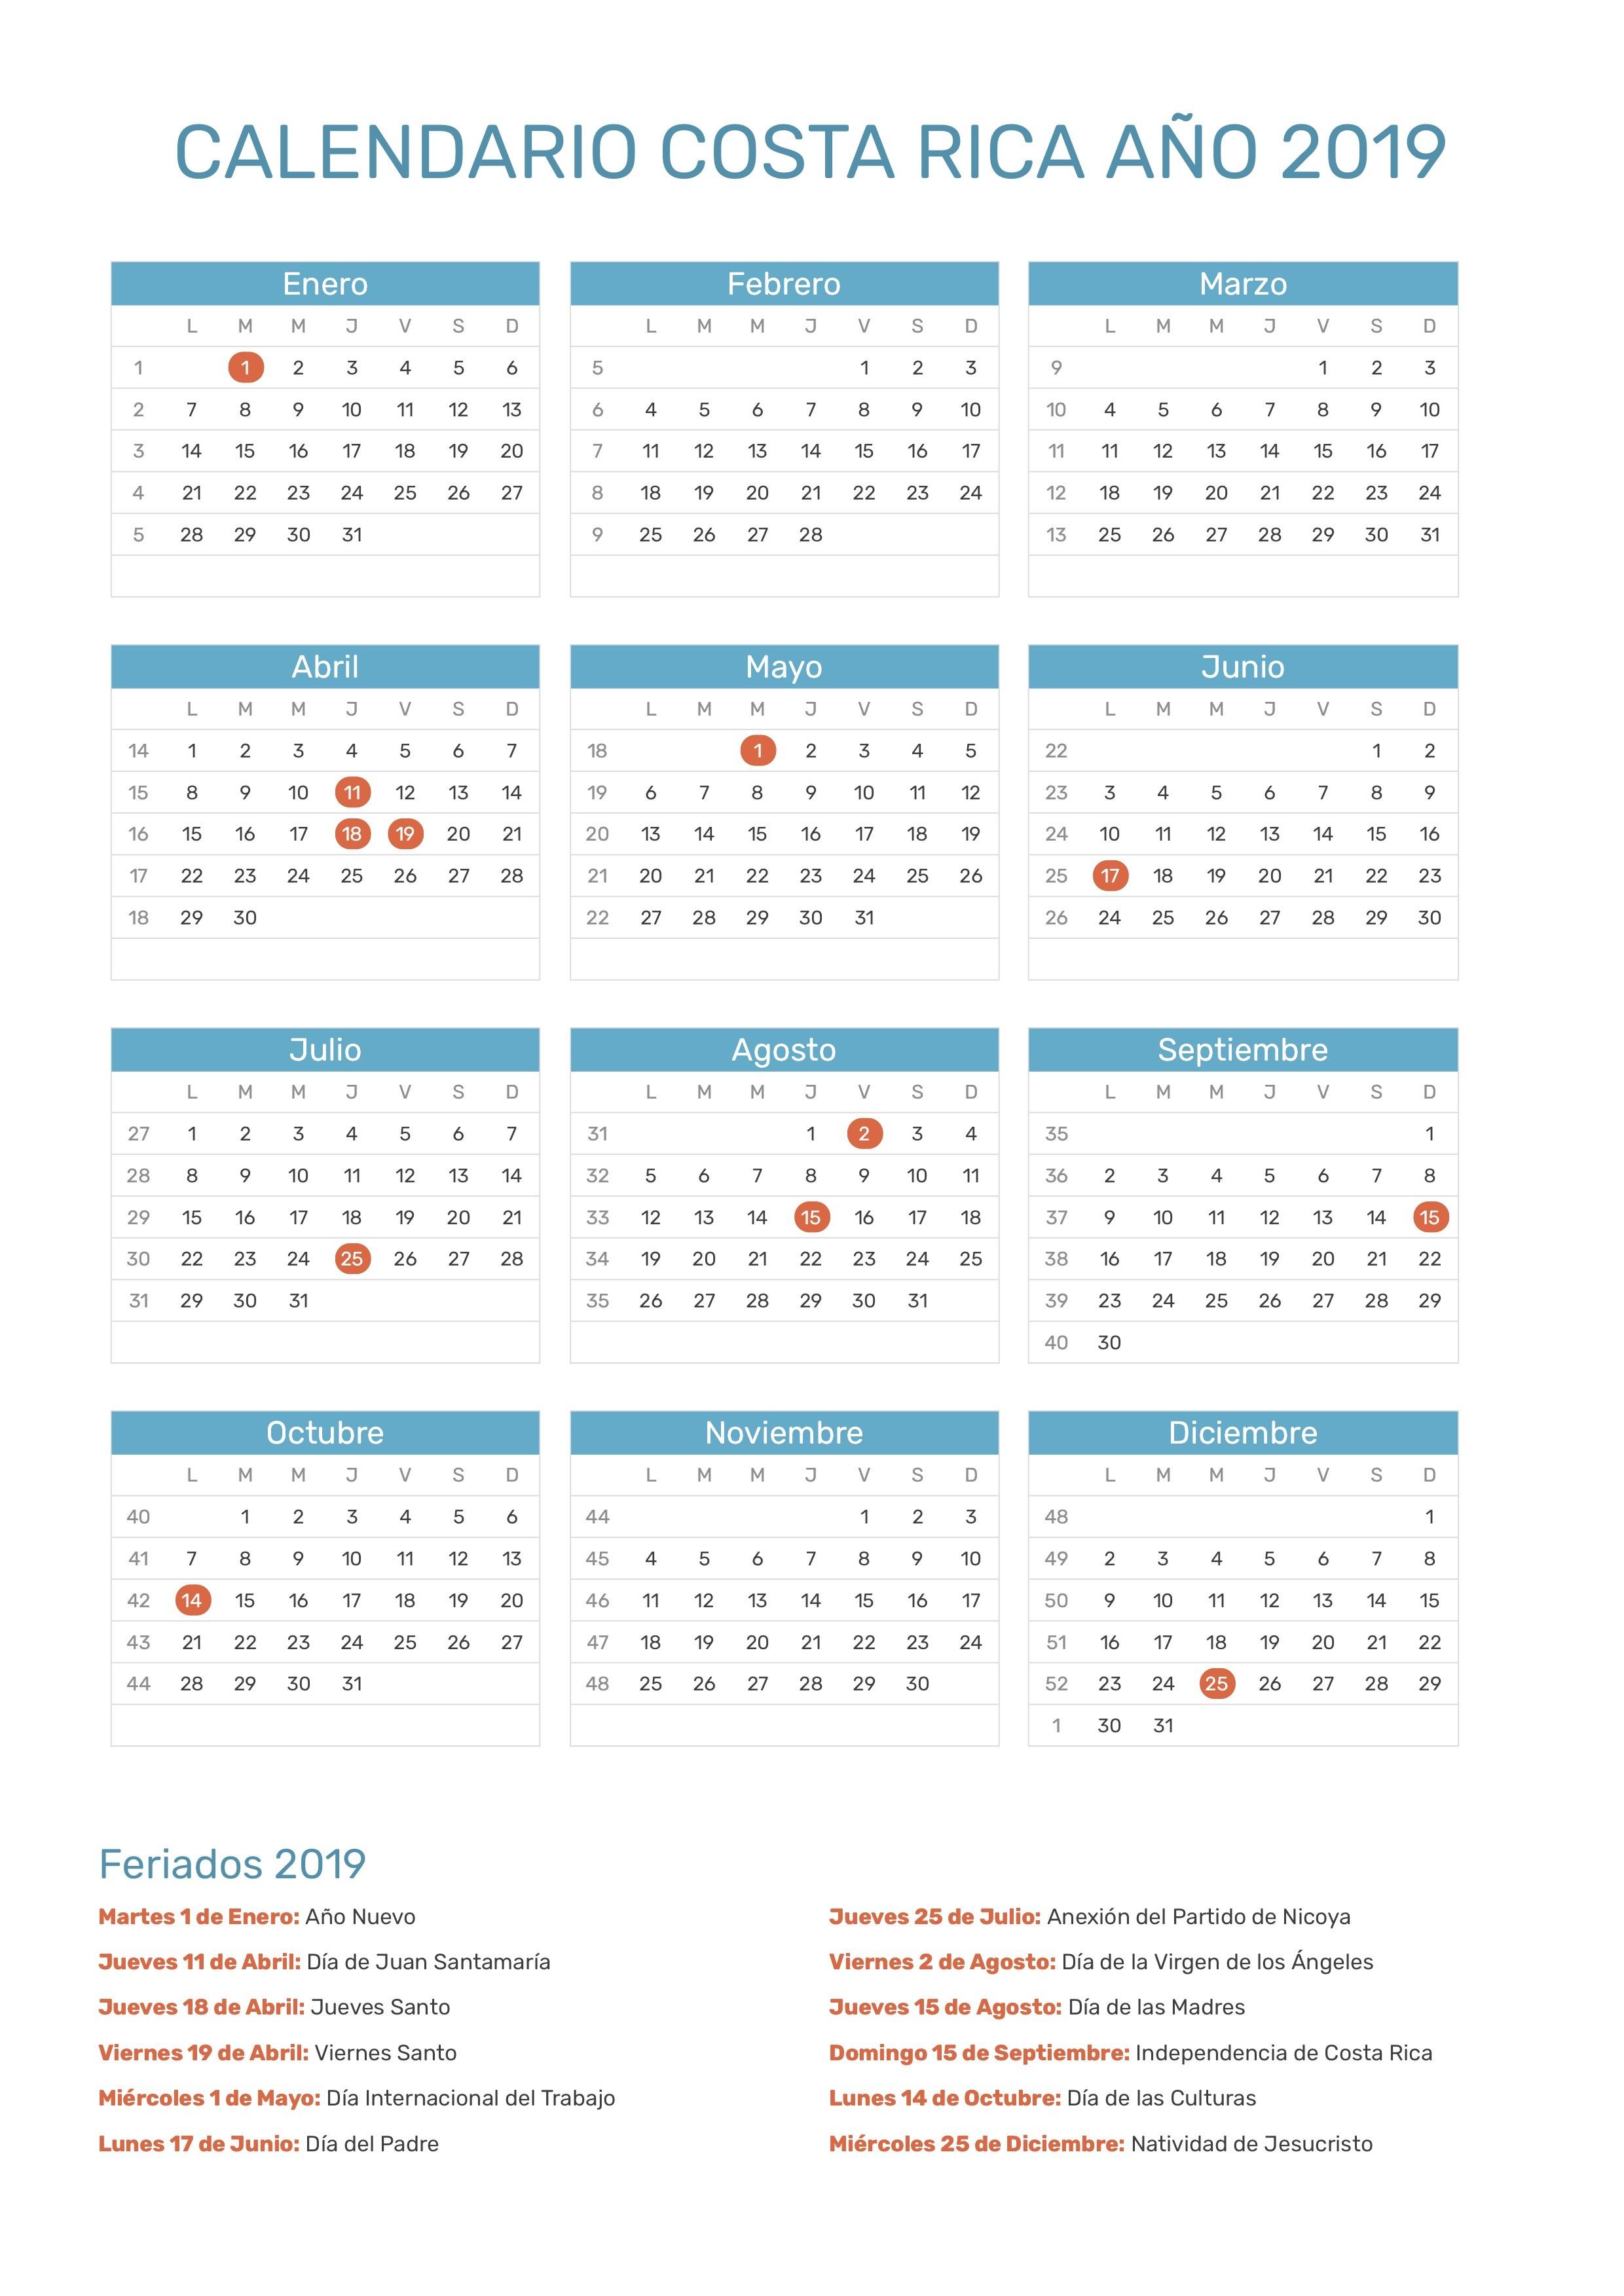 Calendario De Argentina Del Año 2019 Abril 2019 Almanaque Más Recientes Calendario De Costa Rica Año 2019 Of Calendario De Argentina Del Año 2019 Abril 2019 Almanaque Más Populares Calendario 2019 Estilos Para Imprimir Abril T